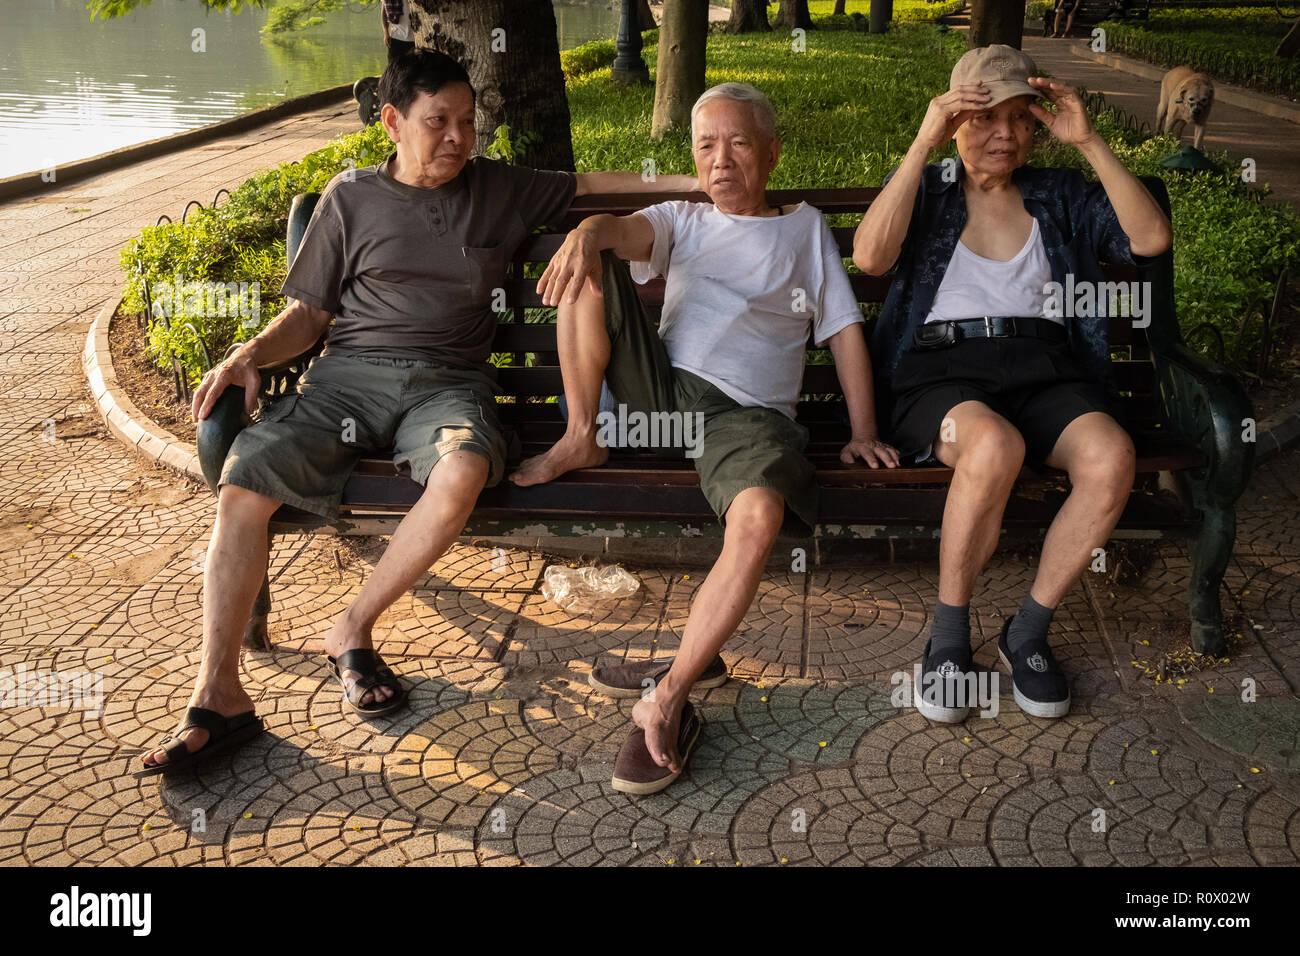 Männer im mittleren Alter sprechen auf einer Parkbank durch Hoan Kim See, Hanoi, Vietnam. Stockfoto